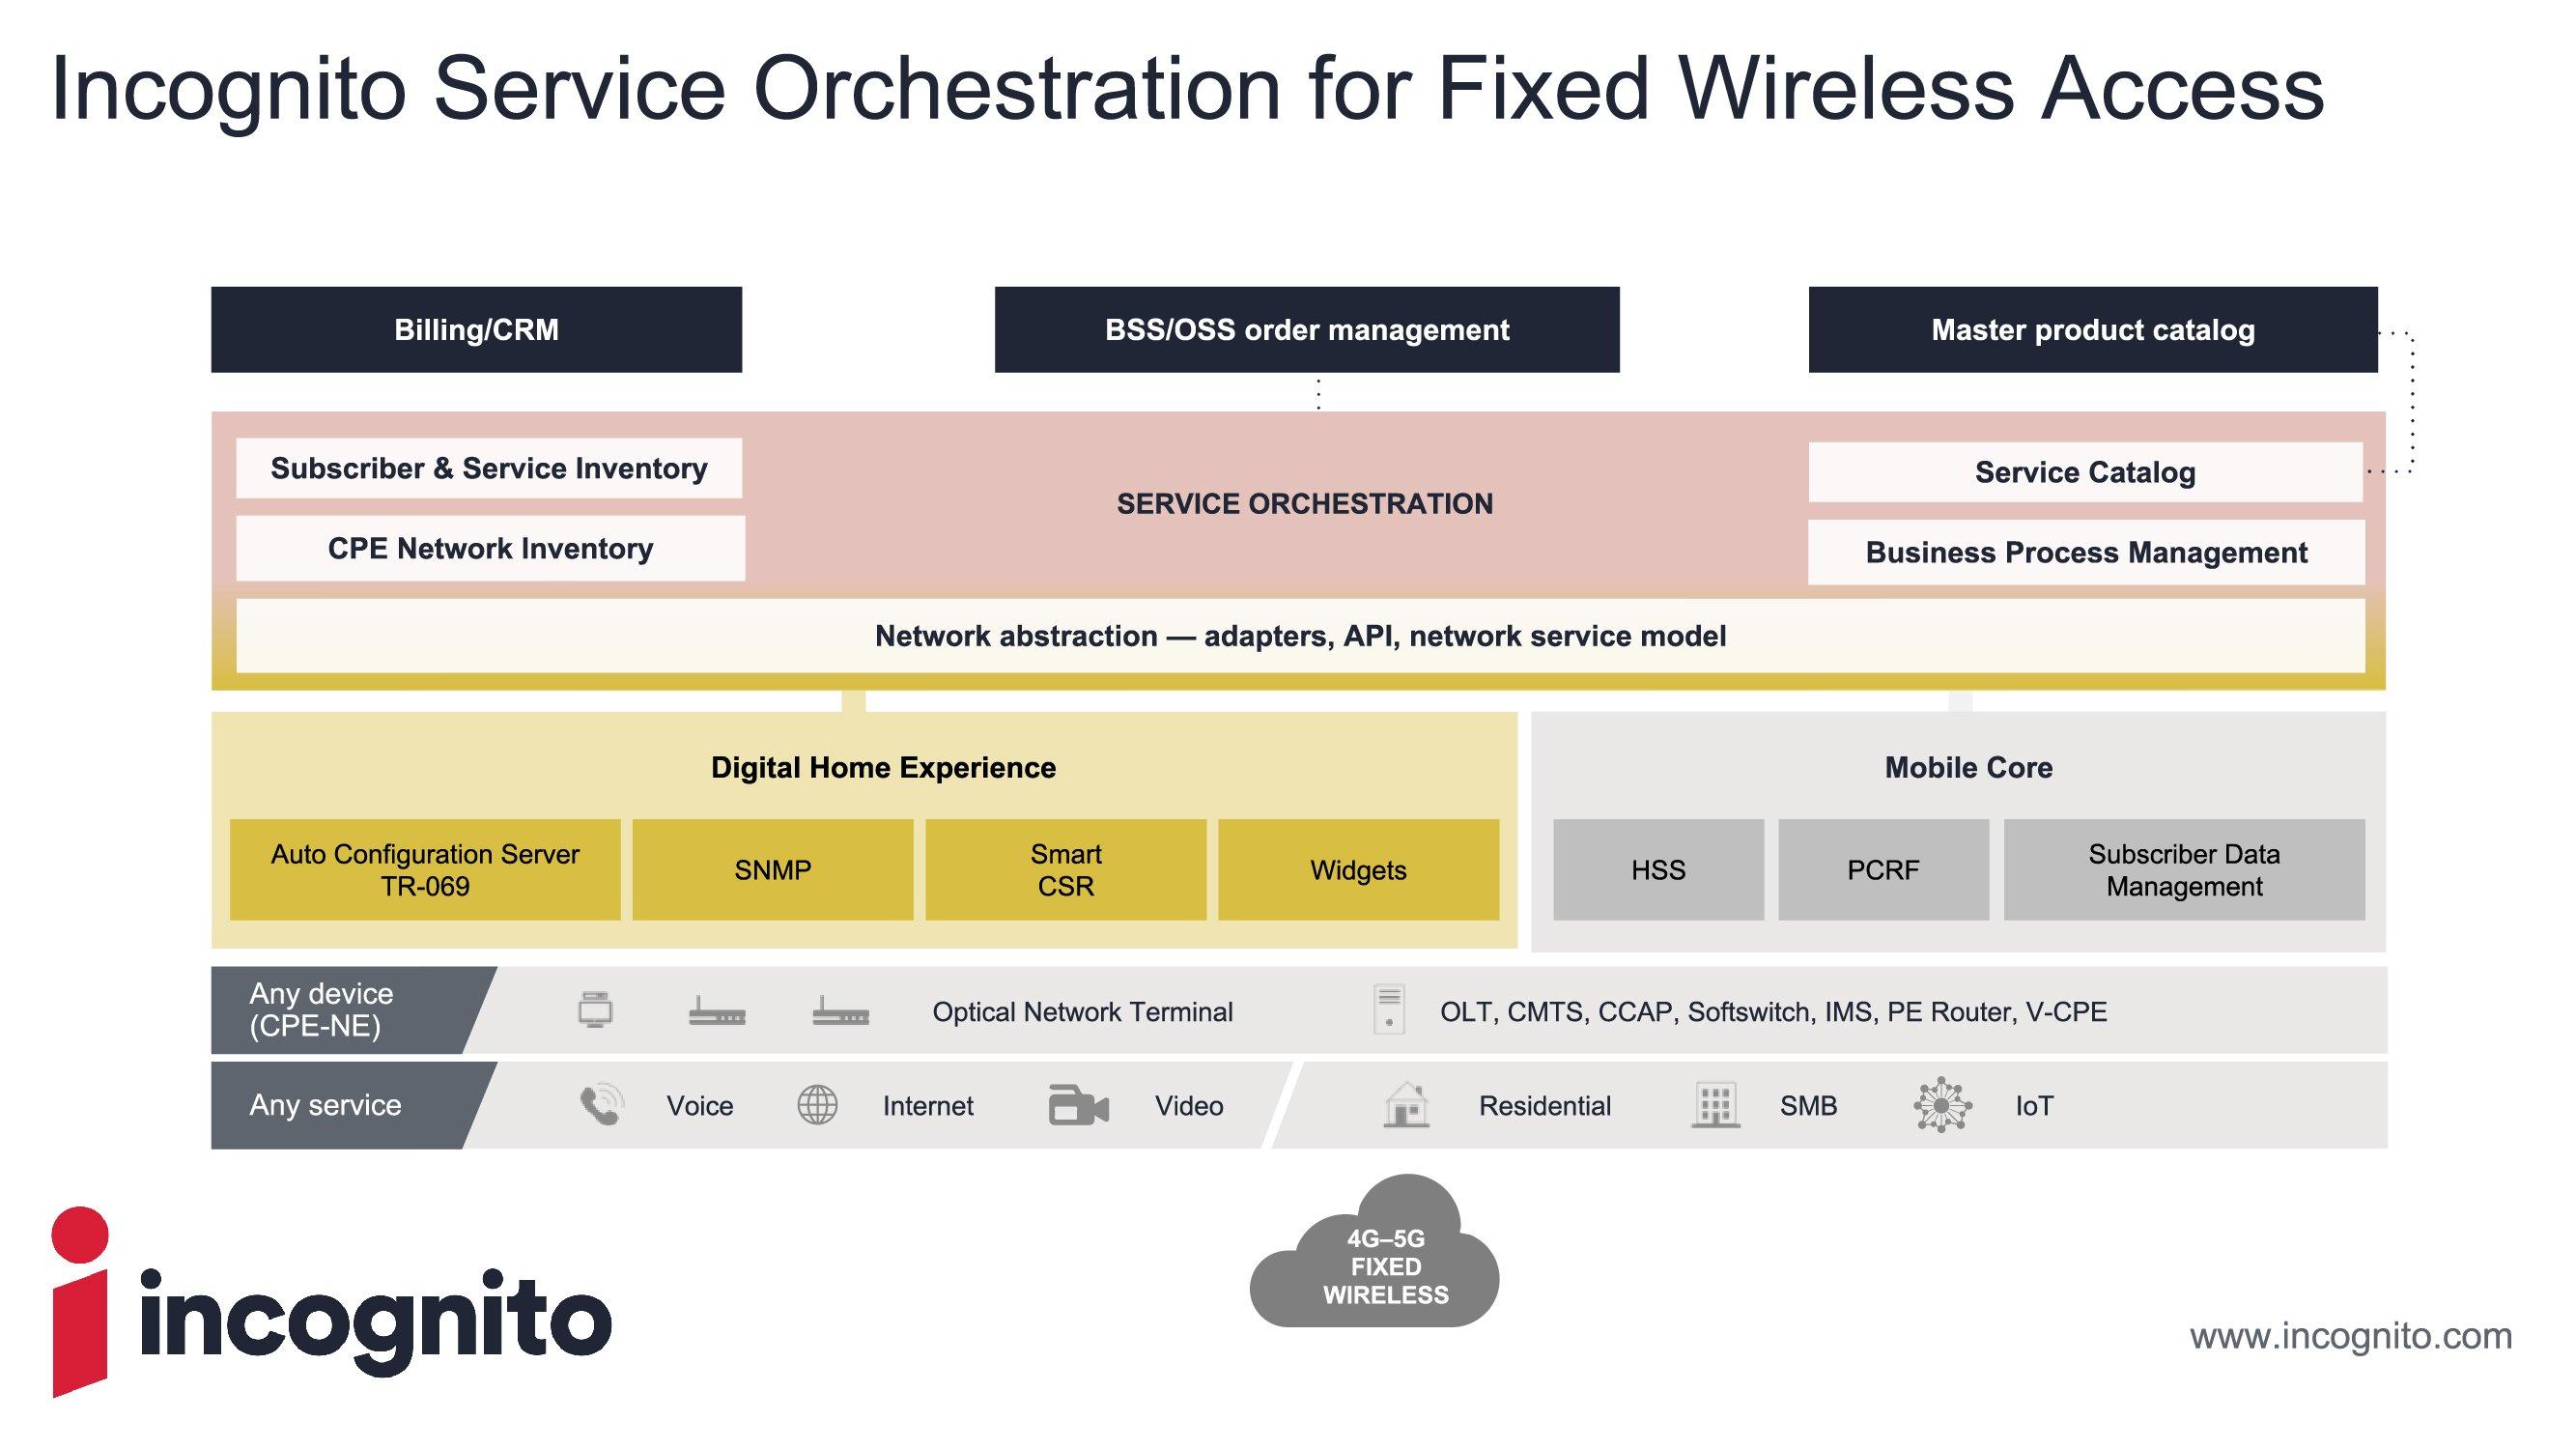 incognito service orchestration for FWA-01